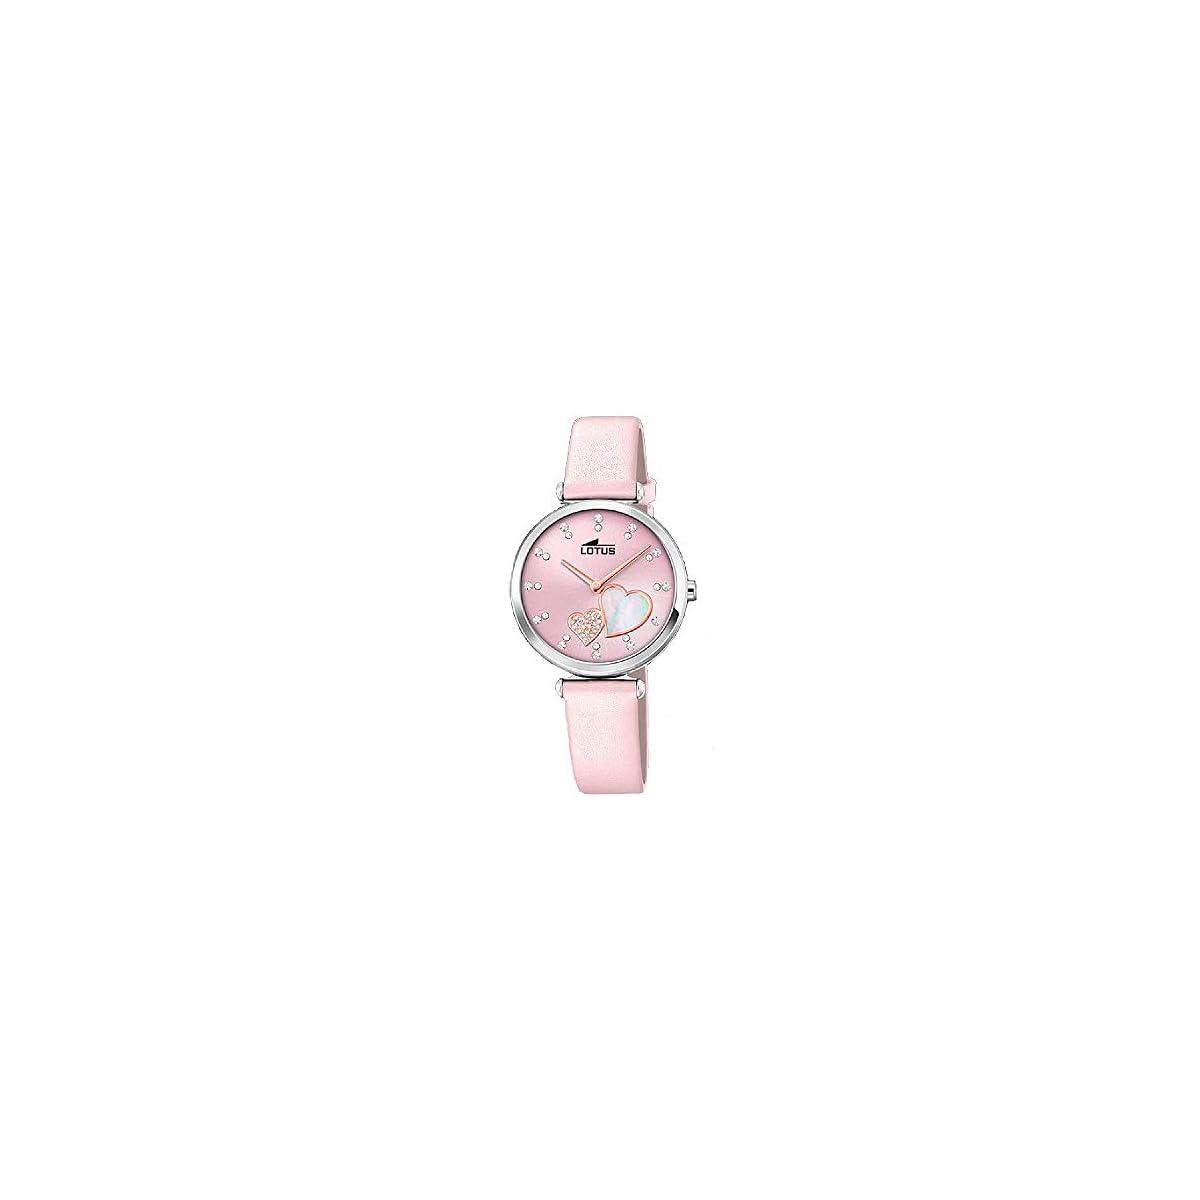 31NyxvLfeeL. SS1200  - Lotus 18617/2 - Reloj Analógico para Mujer, de Cuarzo con Correa en Cuero